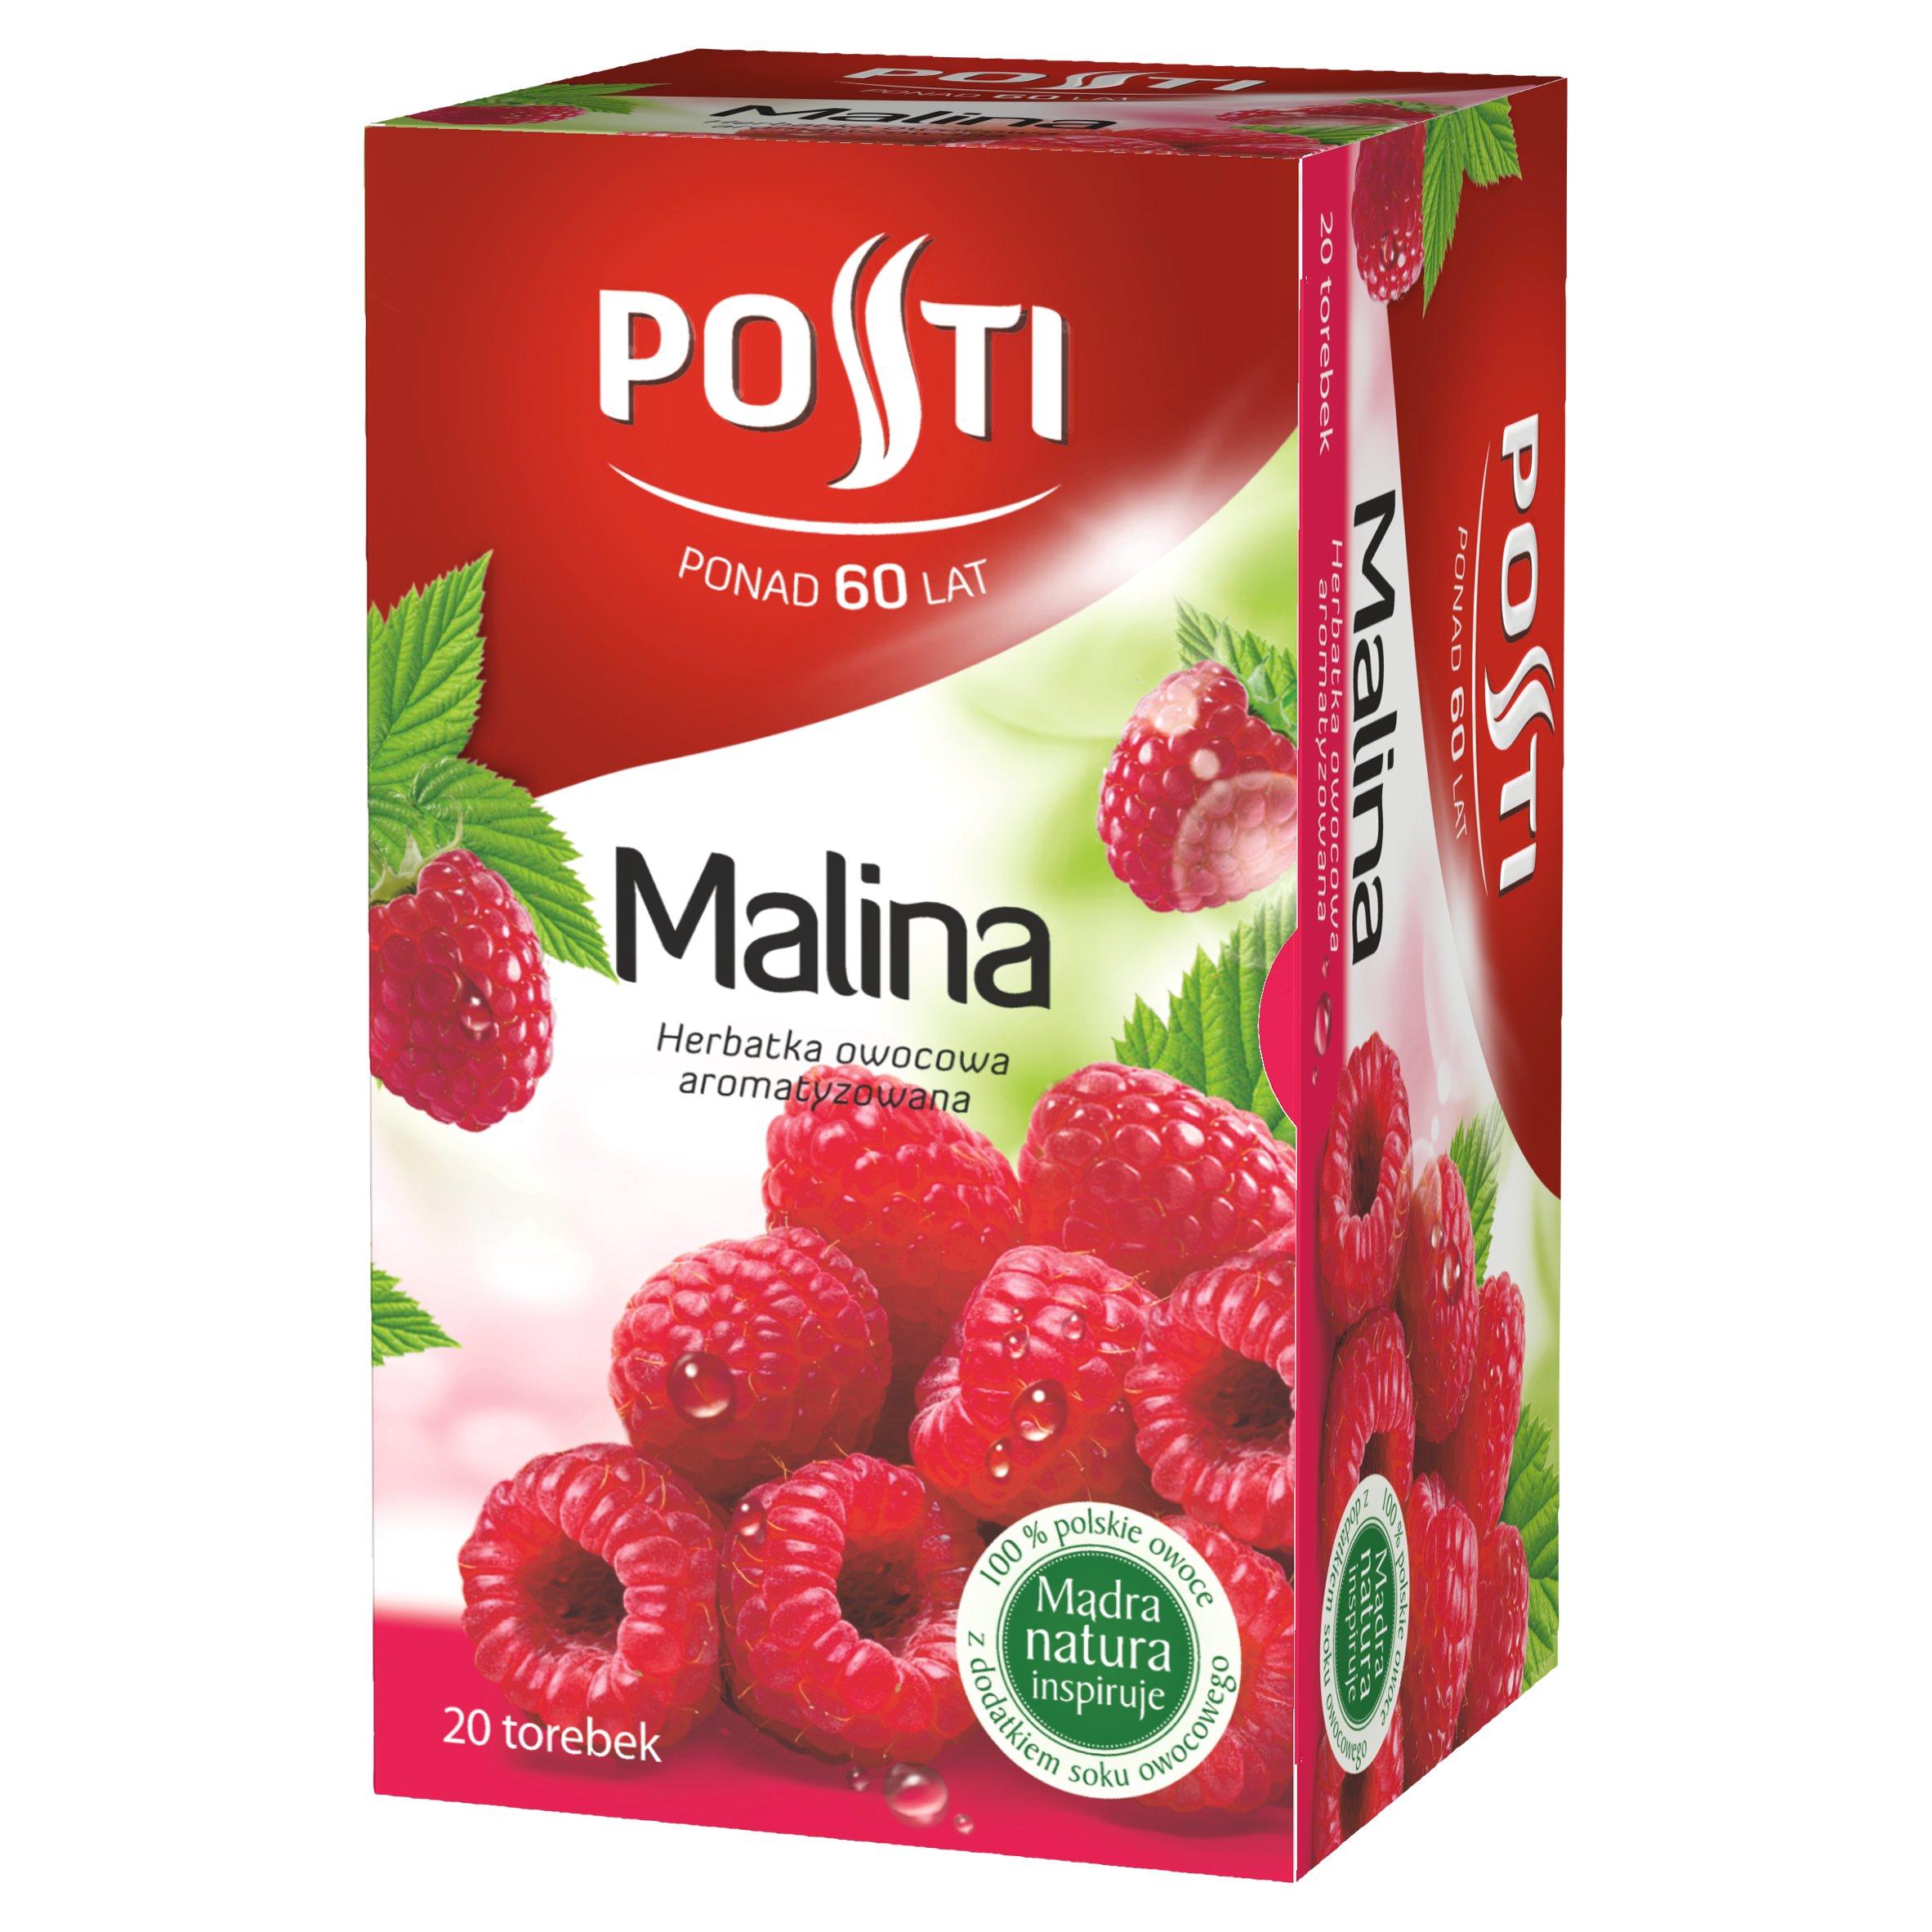 Posti Malina Herbatka owocowa aromatyzowana 40g (20 tb)